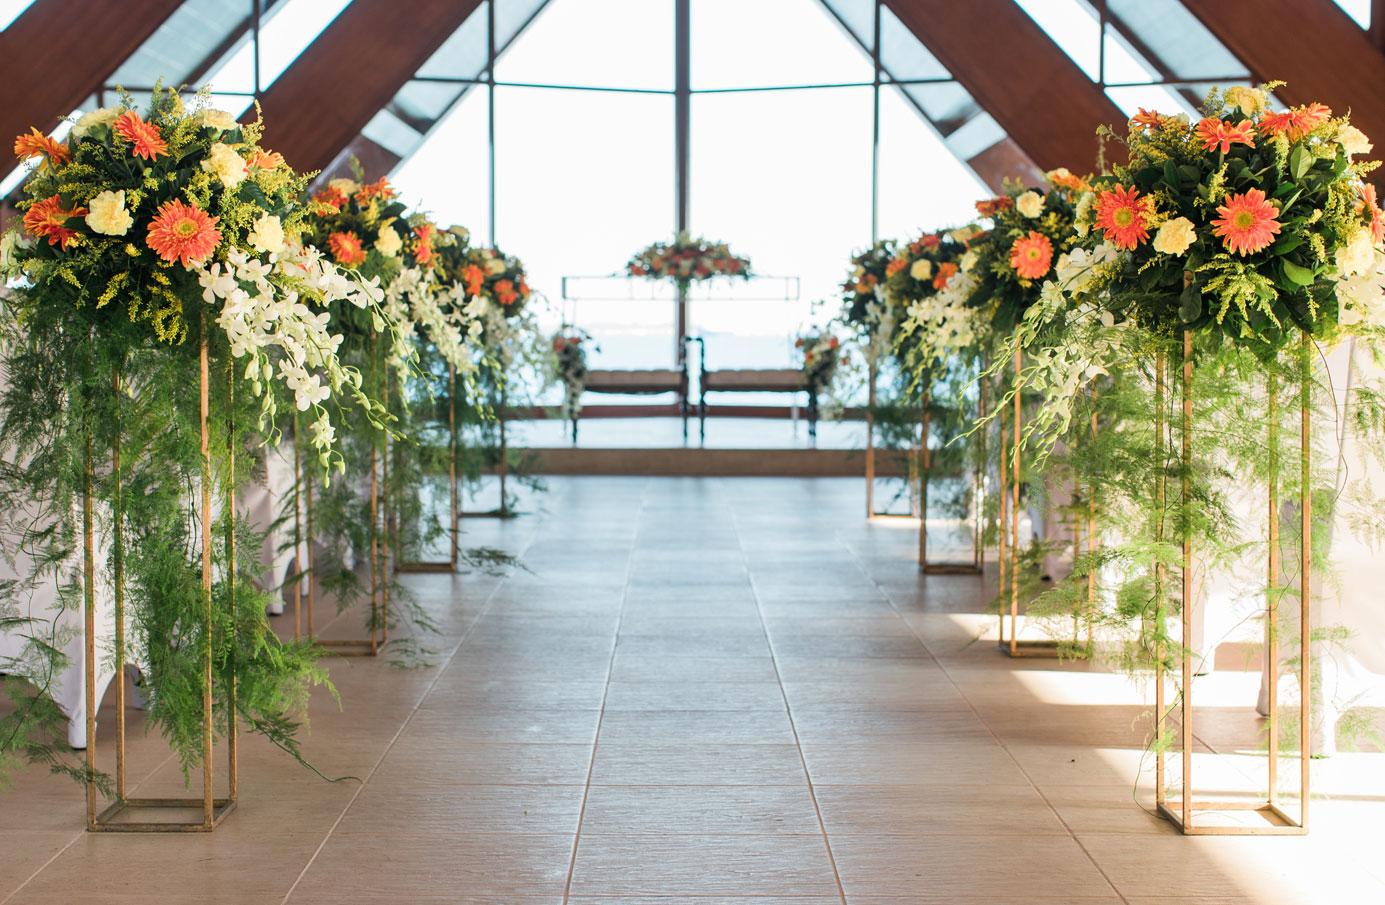 cebu-wedding-chapel-shangrila (10)